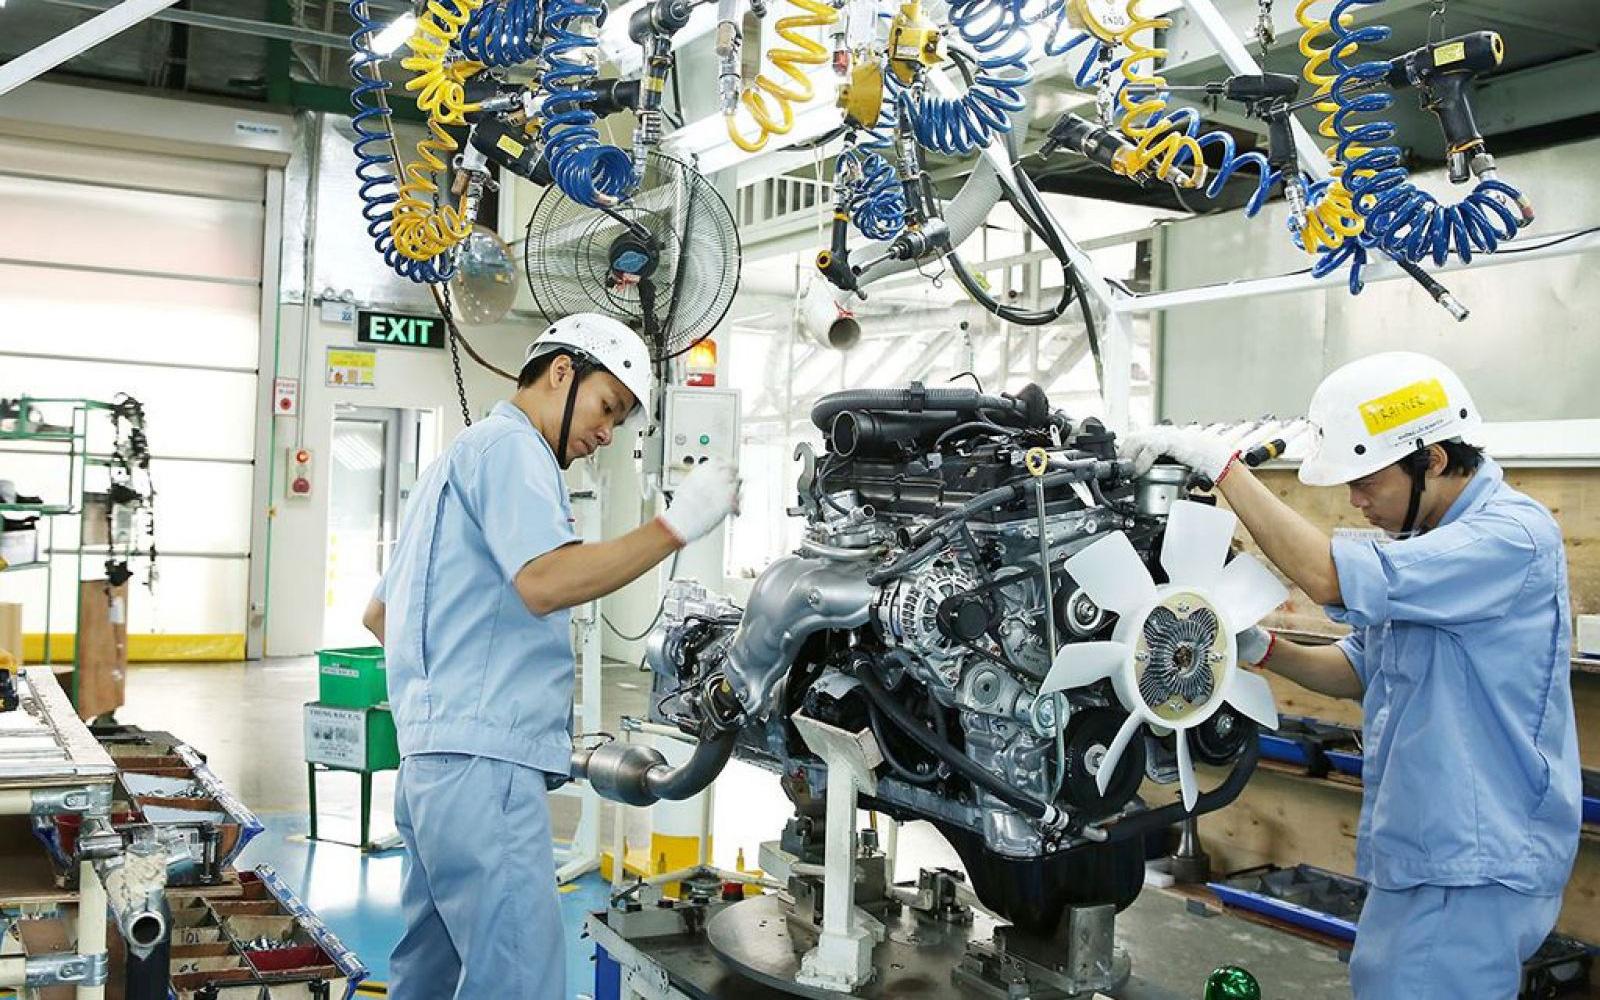 Lĩnh vực công nghiệp chế biến, chế tạo thu hút vốn FDI đạt 21,56 tỷ USD